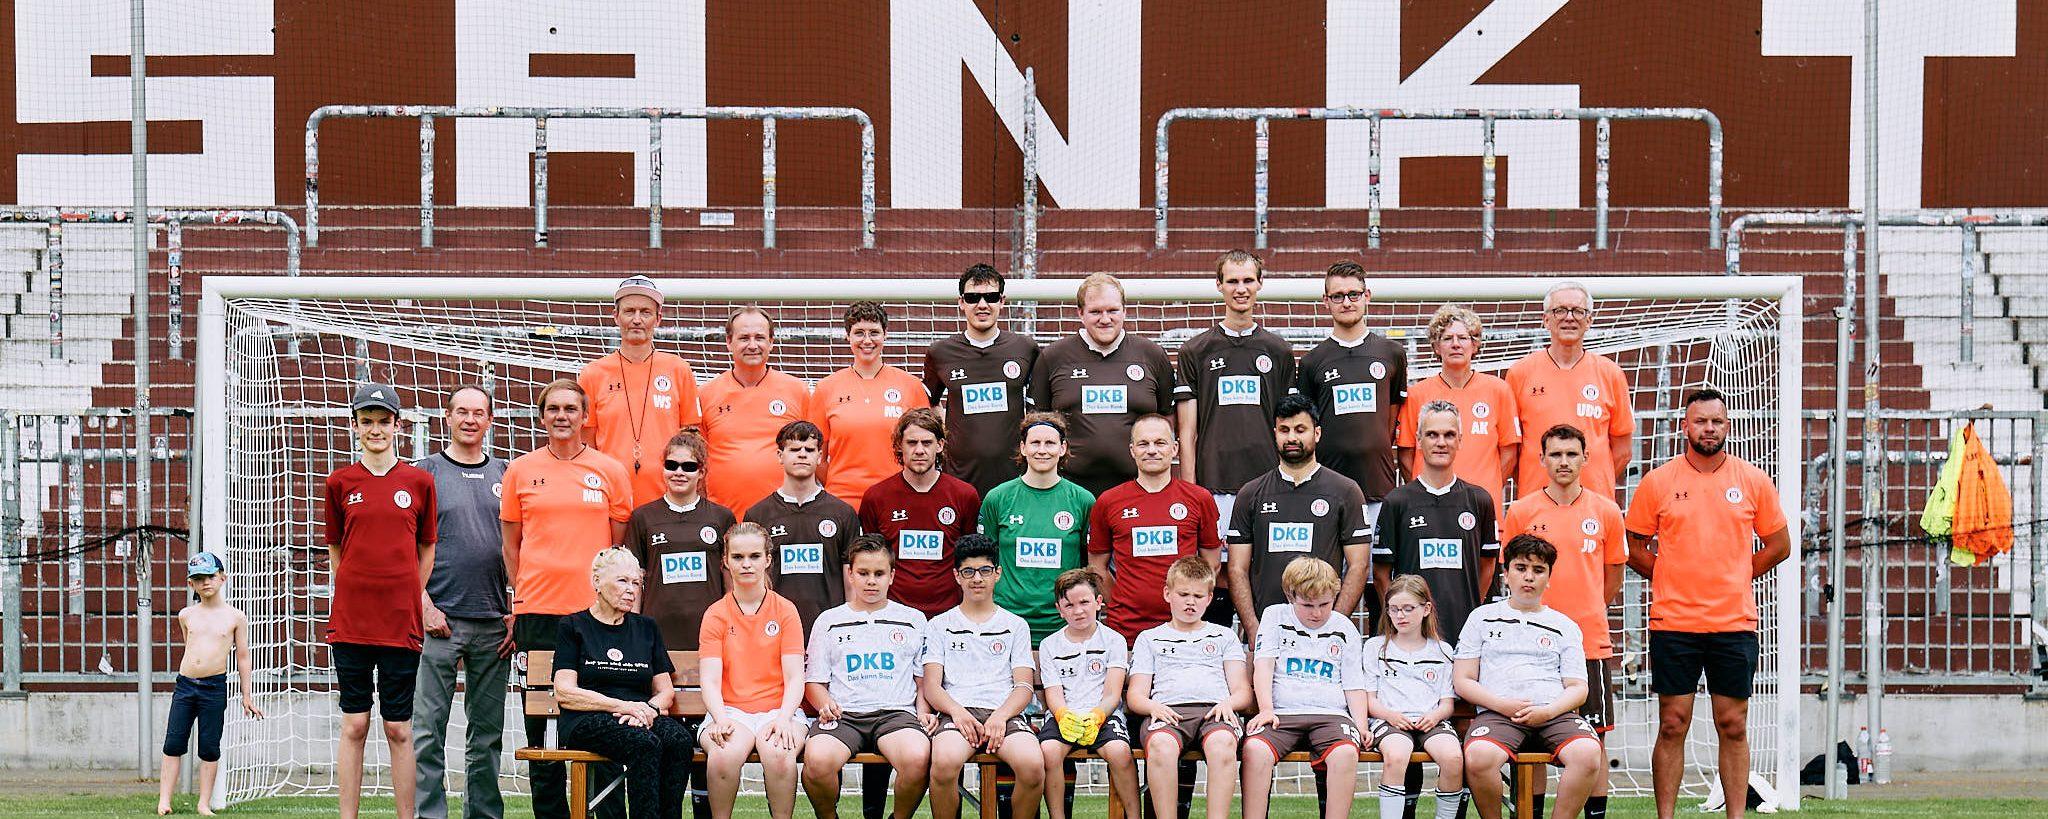 FC Sankt Pauli von 1910 e.V. Blindenfussball